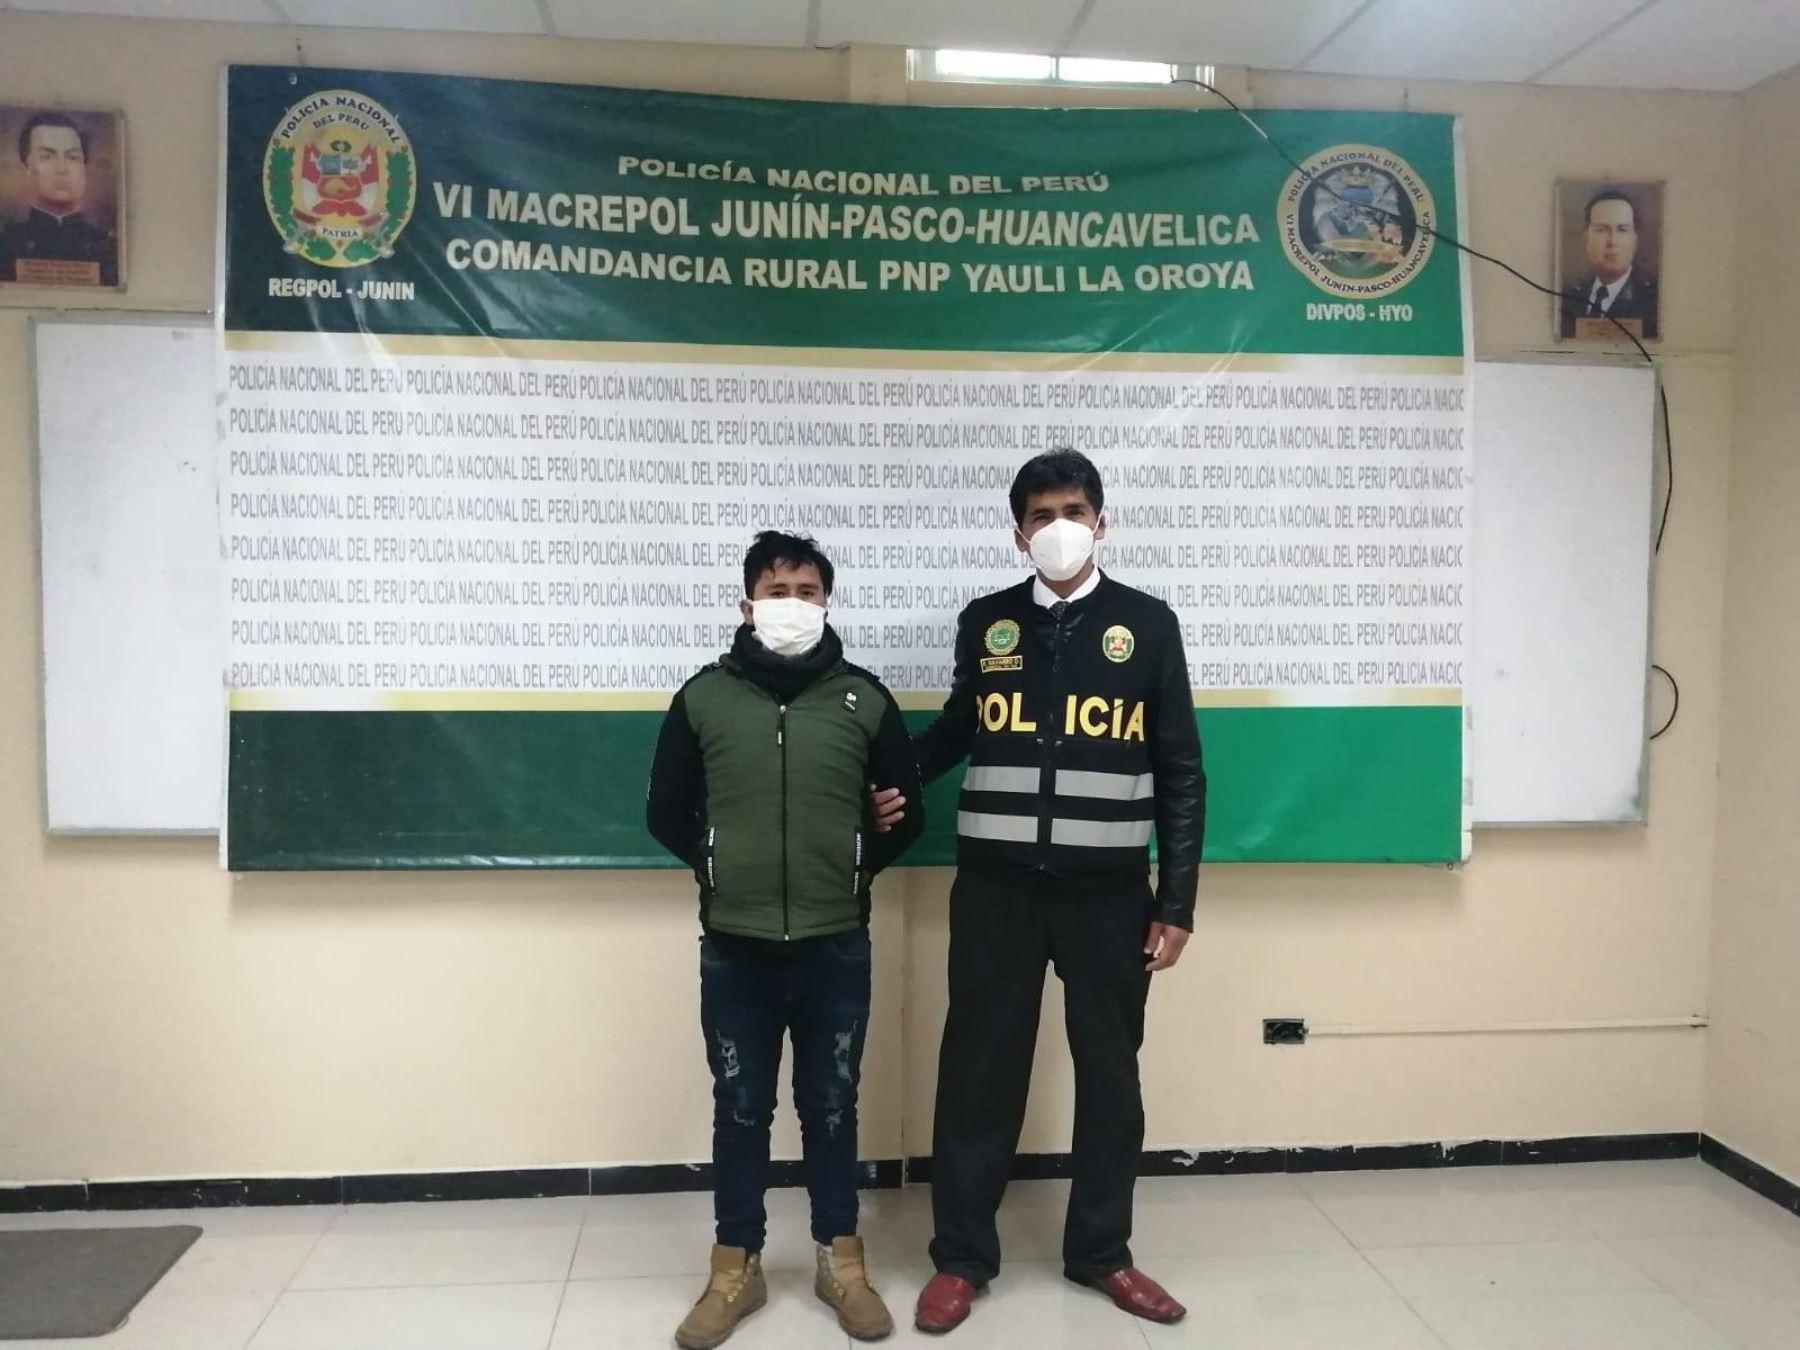 Policía captura en La Oroya a sujeto implicado en presunto caso de feminicidio perpetrado en Pasco.